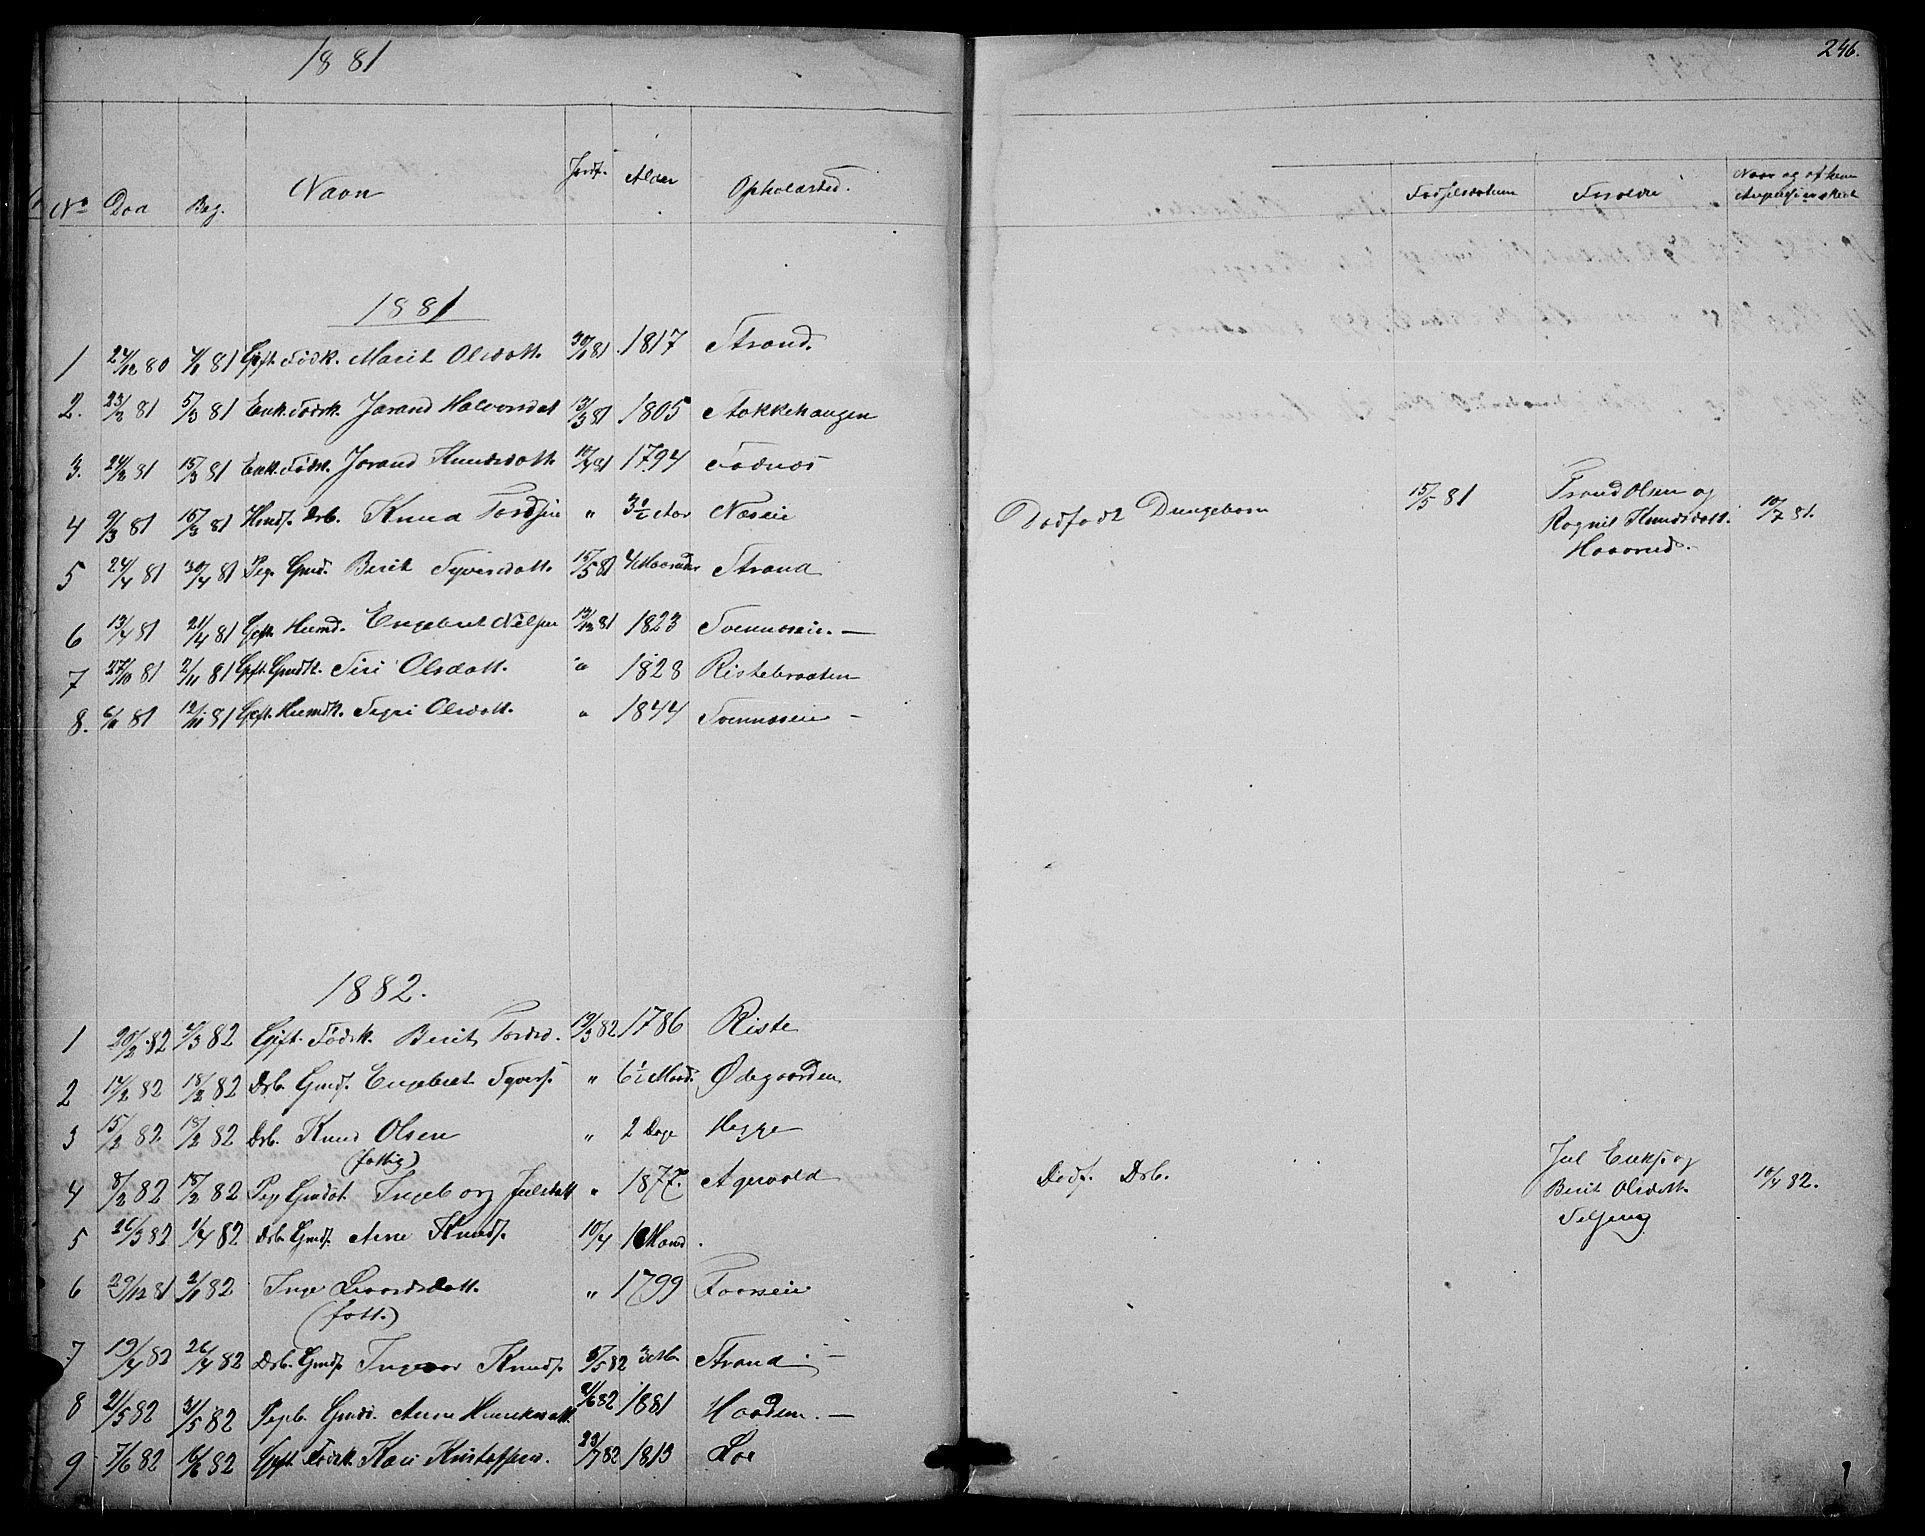 SAH, Nord-Aurdal prestekontor, Klokkerbok nr. 3, 1842-1882, s. 246